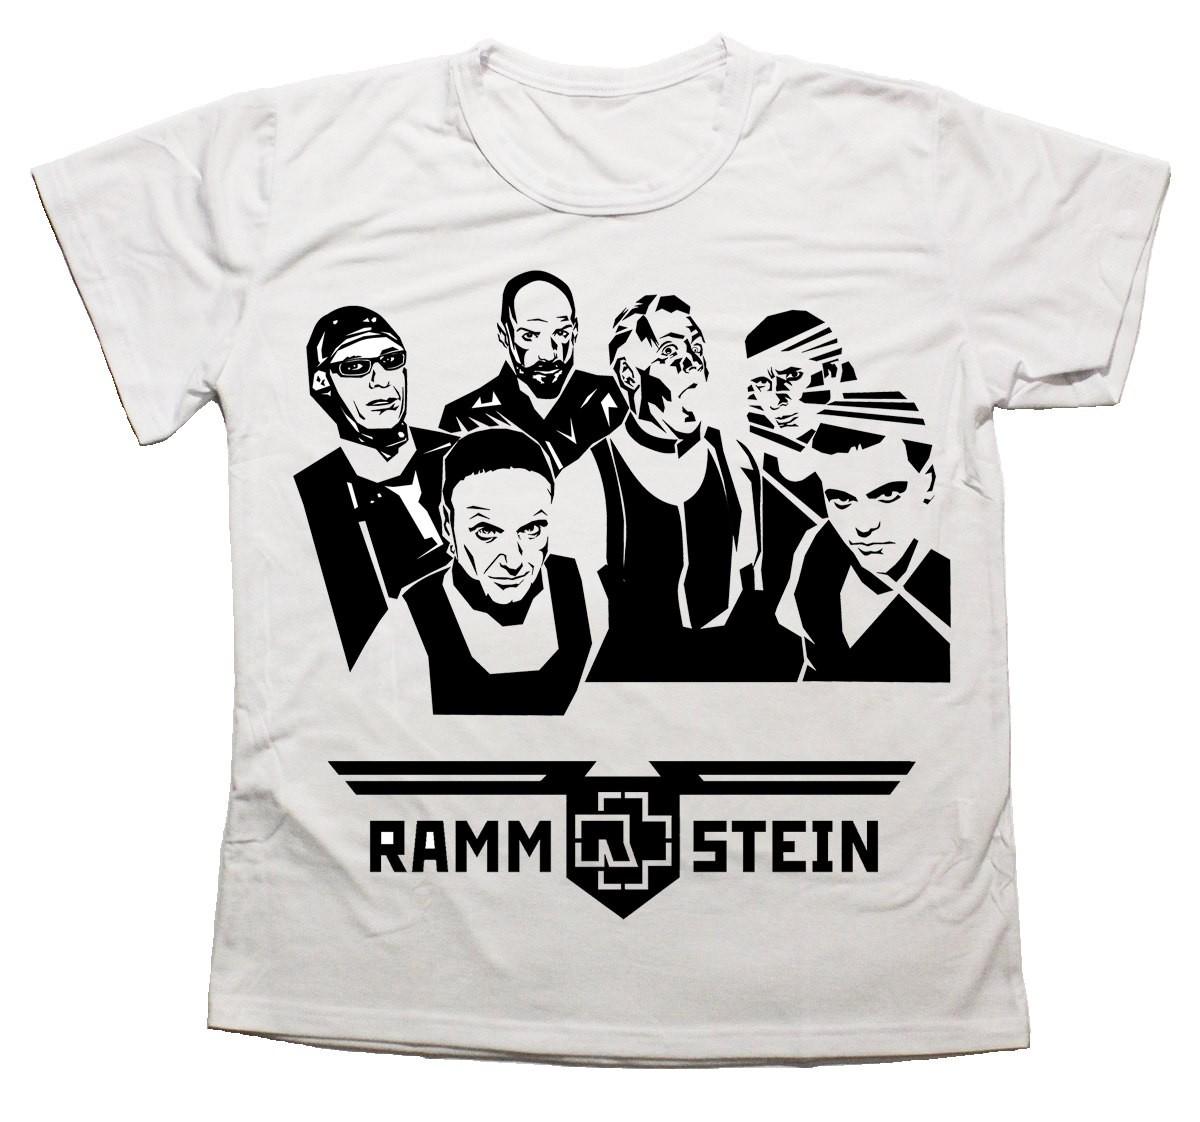 Заказывайте 100% эксклюзивные футболки с Вашими дизайнерскими принтами. Быстрое изготовление, доставка за 2-3 дня.